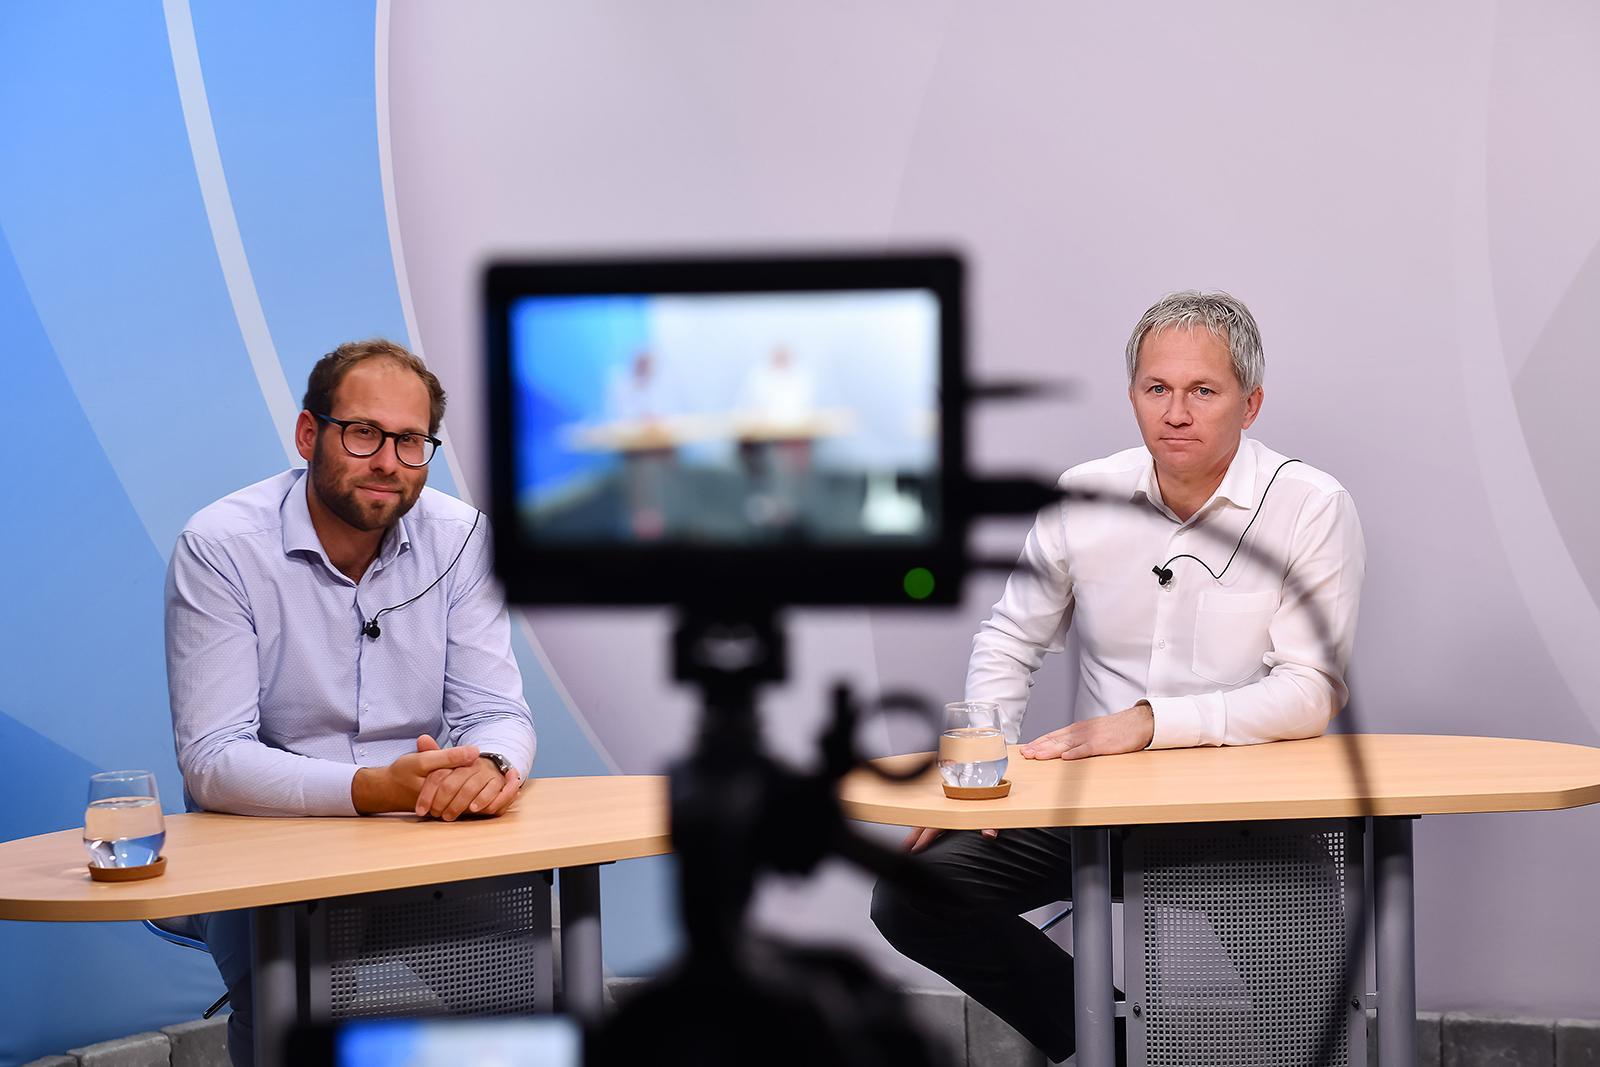 Zwei der Panelteilnehmer, die vor der Kamera an einem Tisch sitzen.